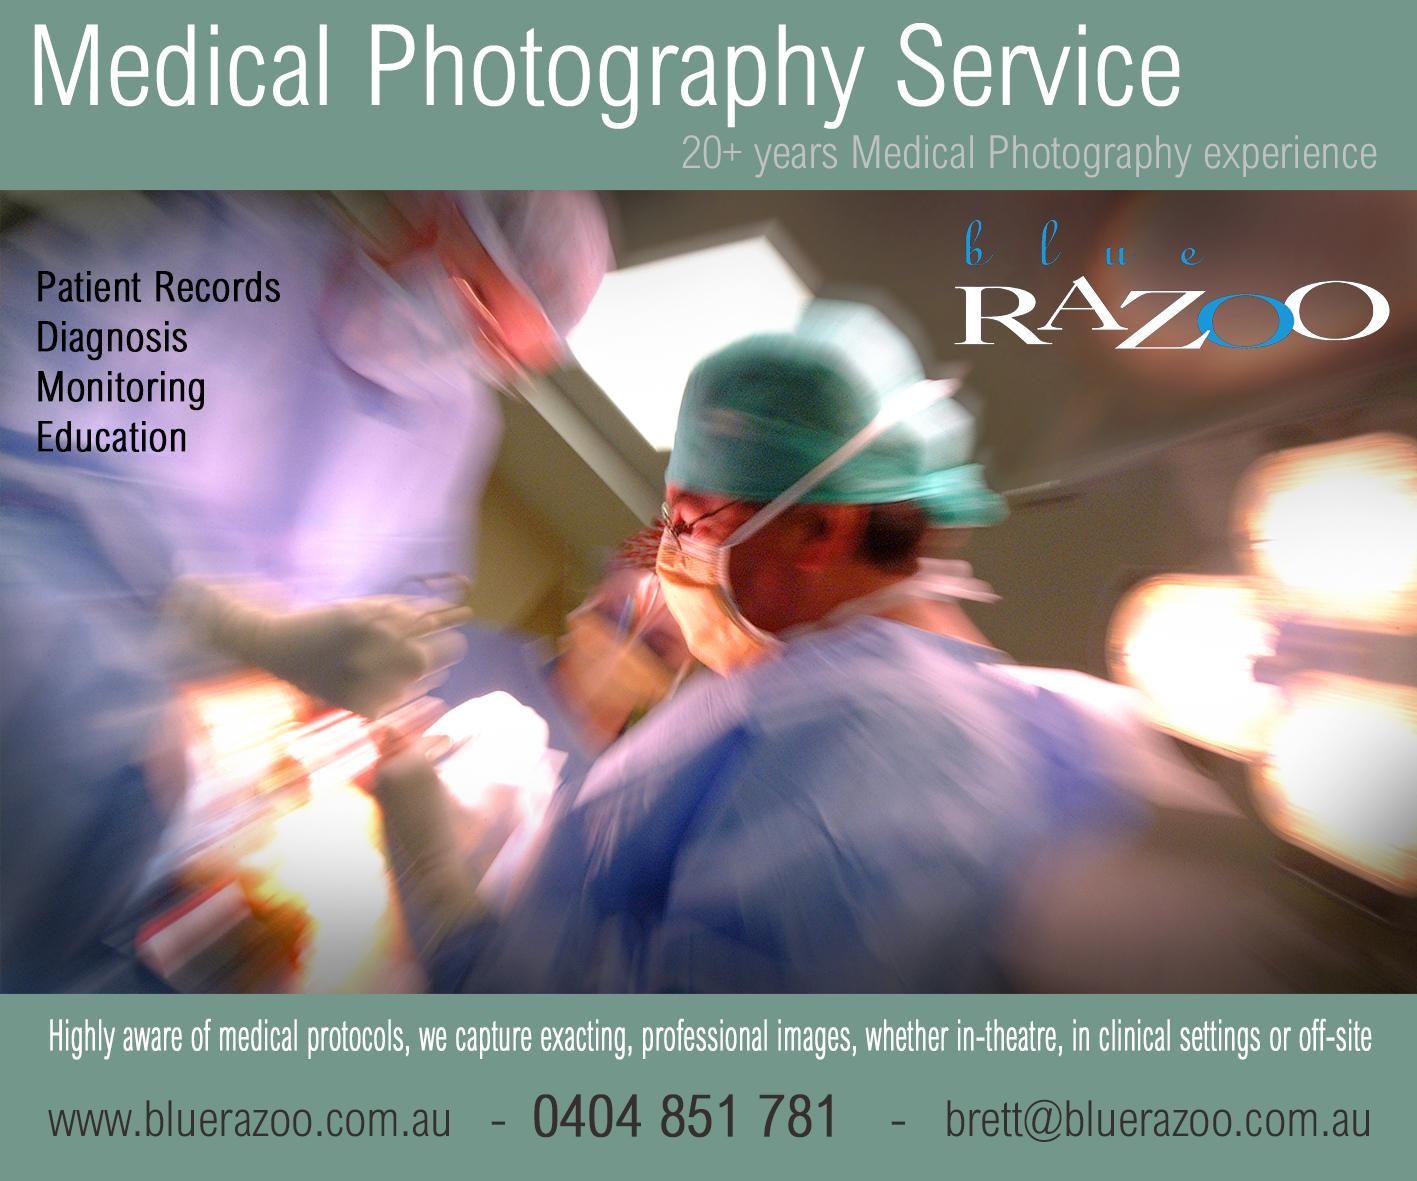 Blue Razoo - Adelaide Medical Photography